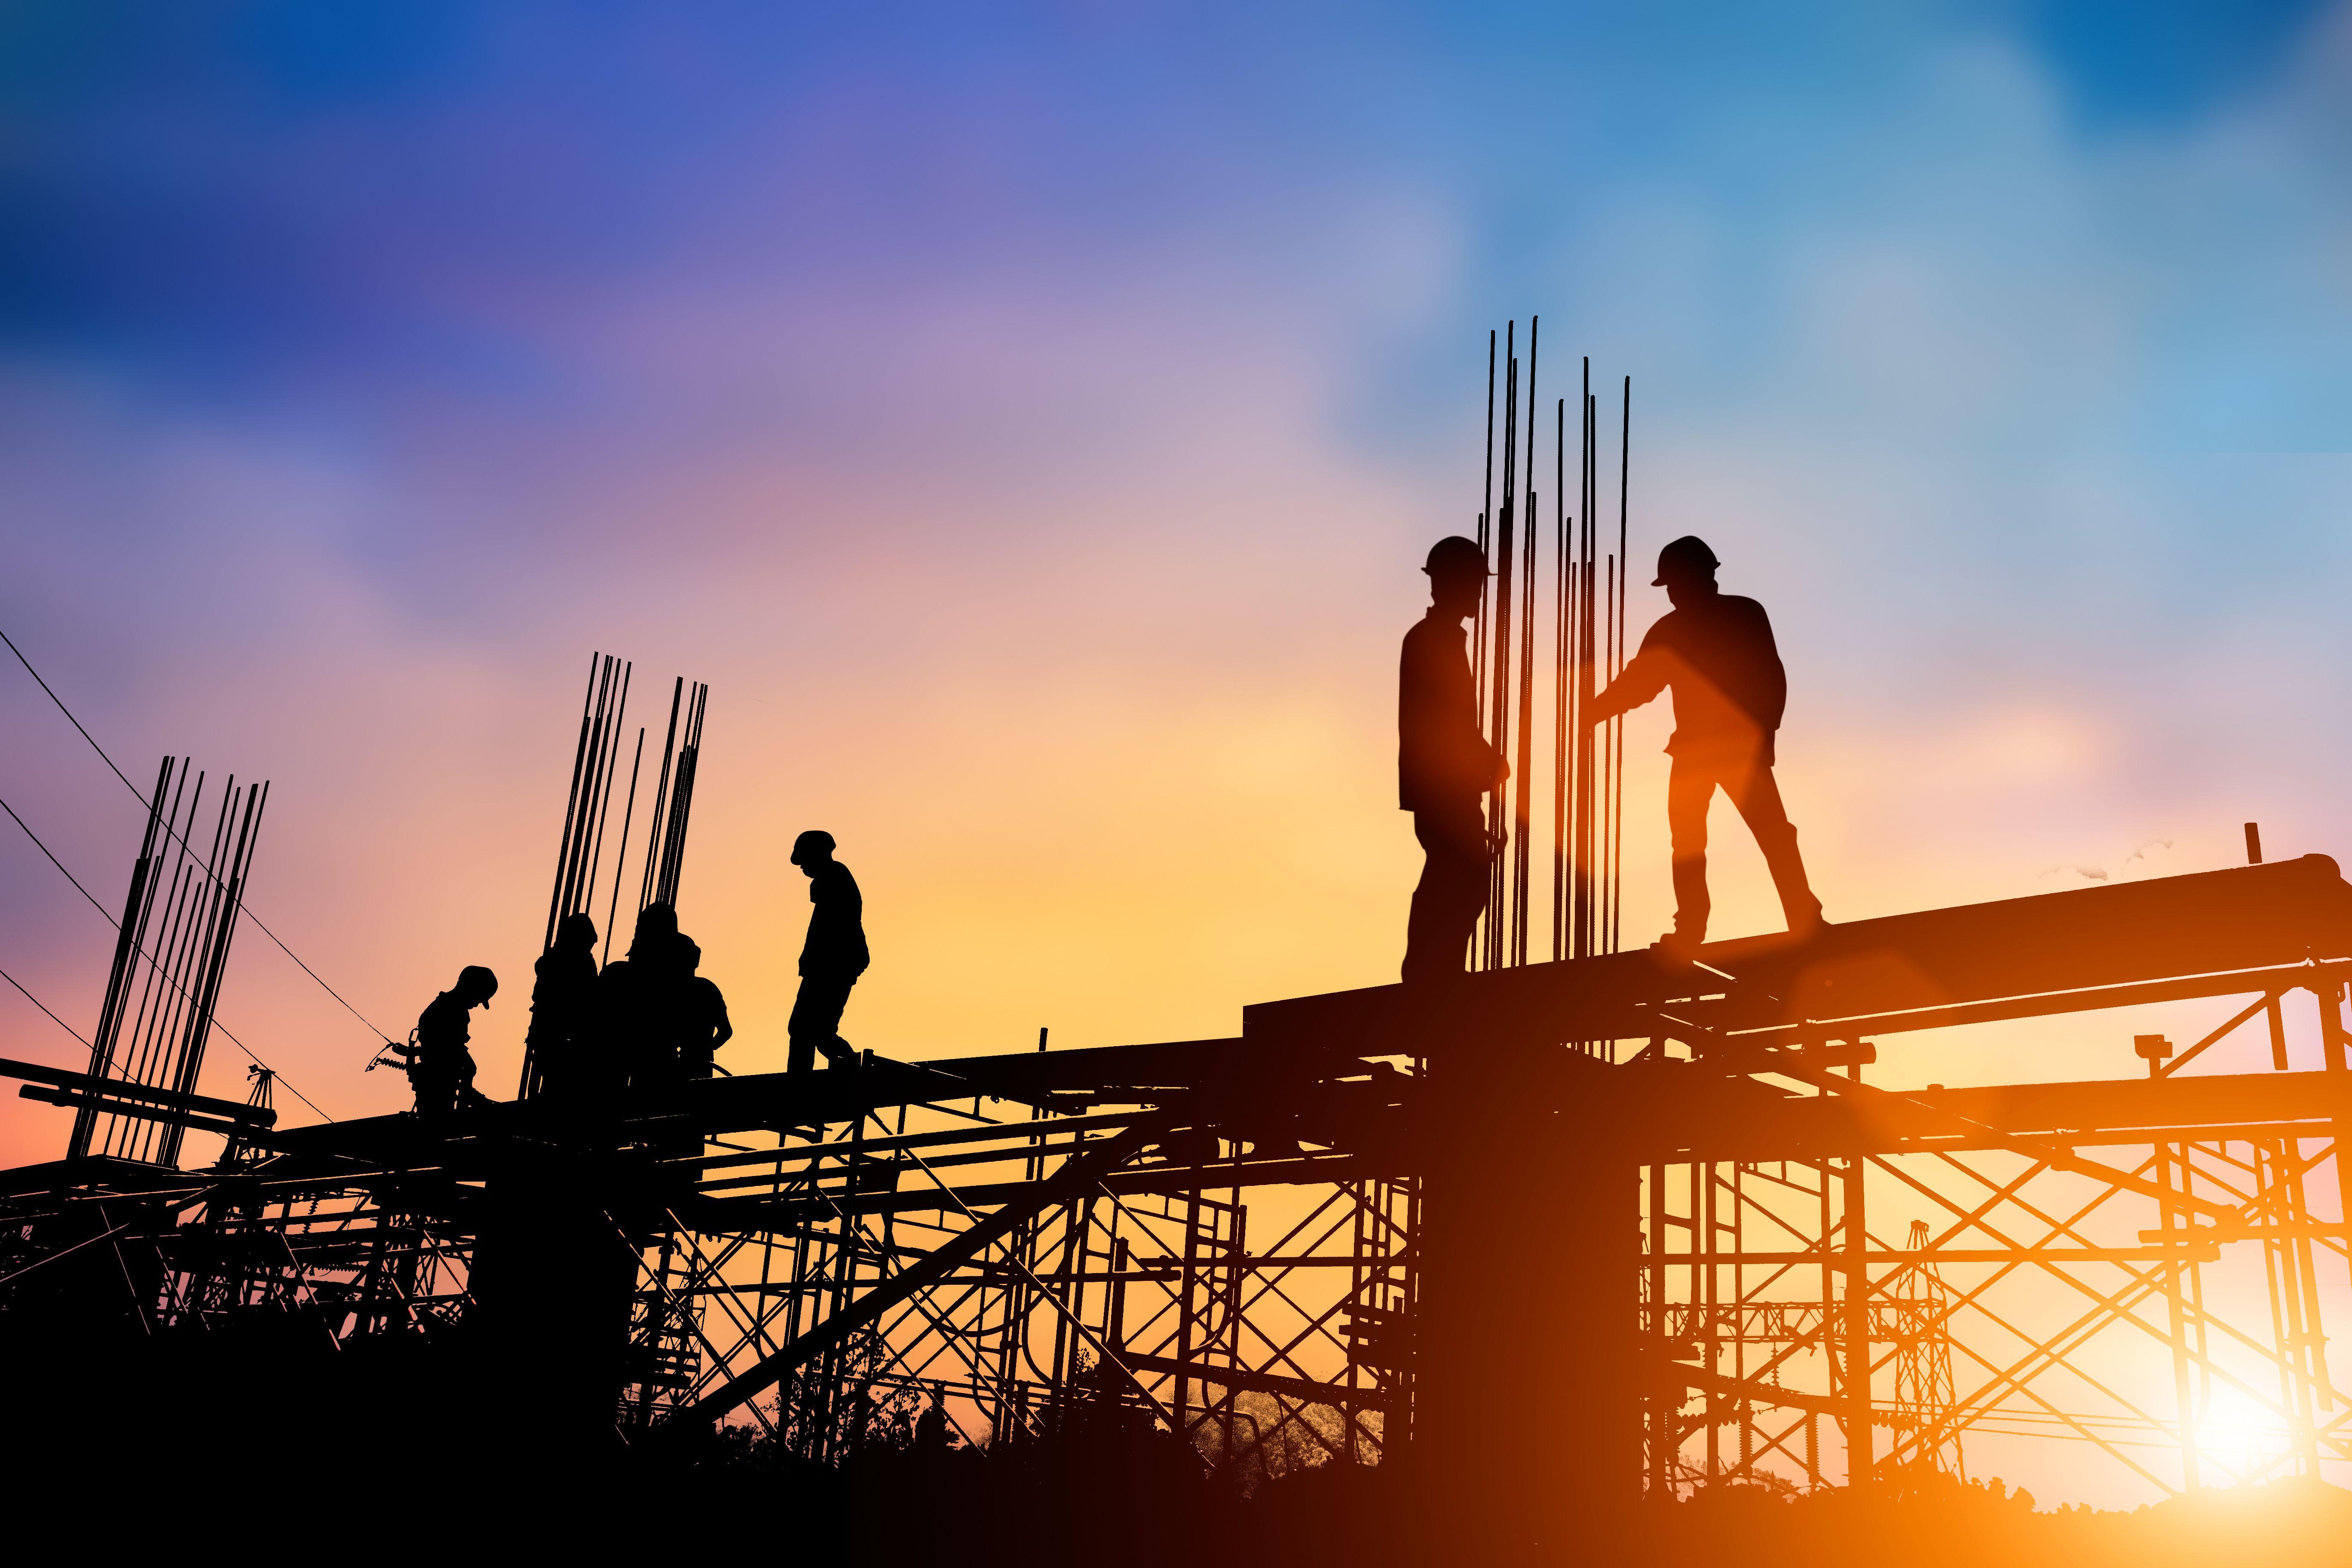 Praca imigrantów jest istotna w budownictwie. (Fot. Shutterstock)